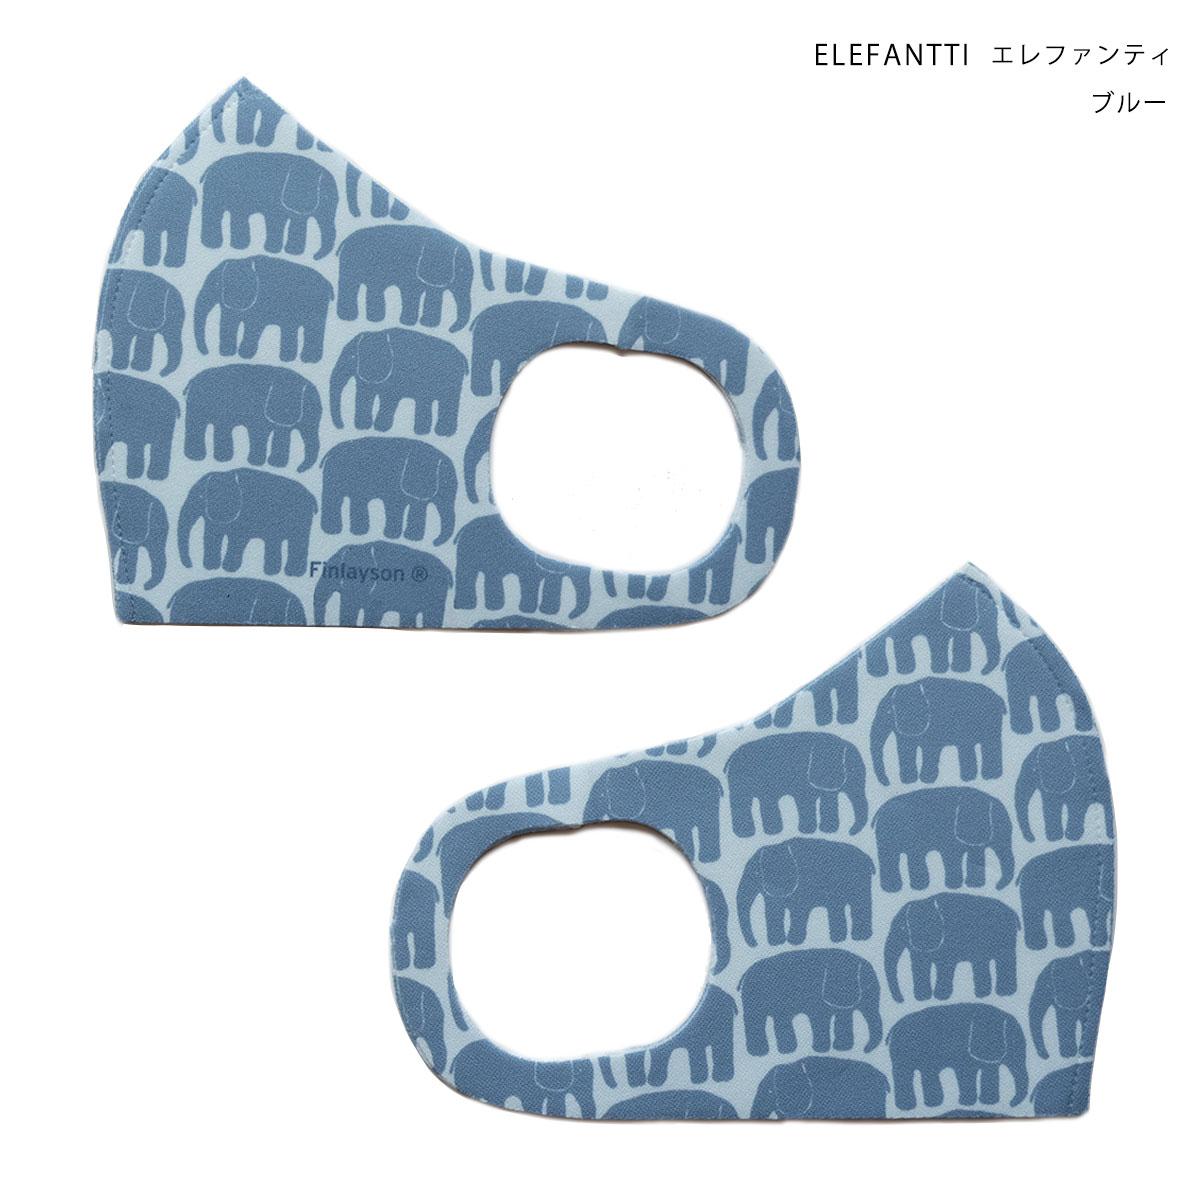 洗えるマスク ELEFANTTI AJATUS TAIMI | フィンレイソン Finlayson